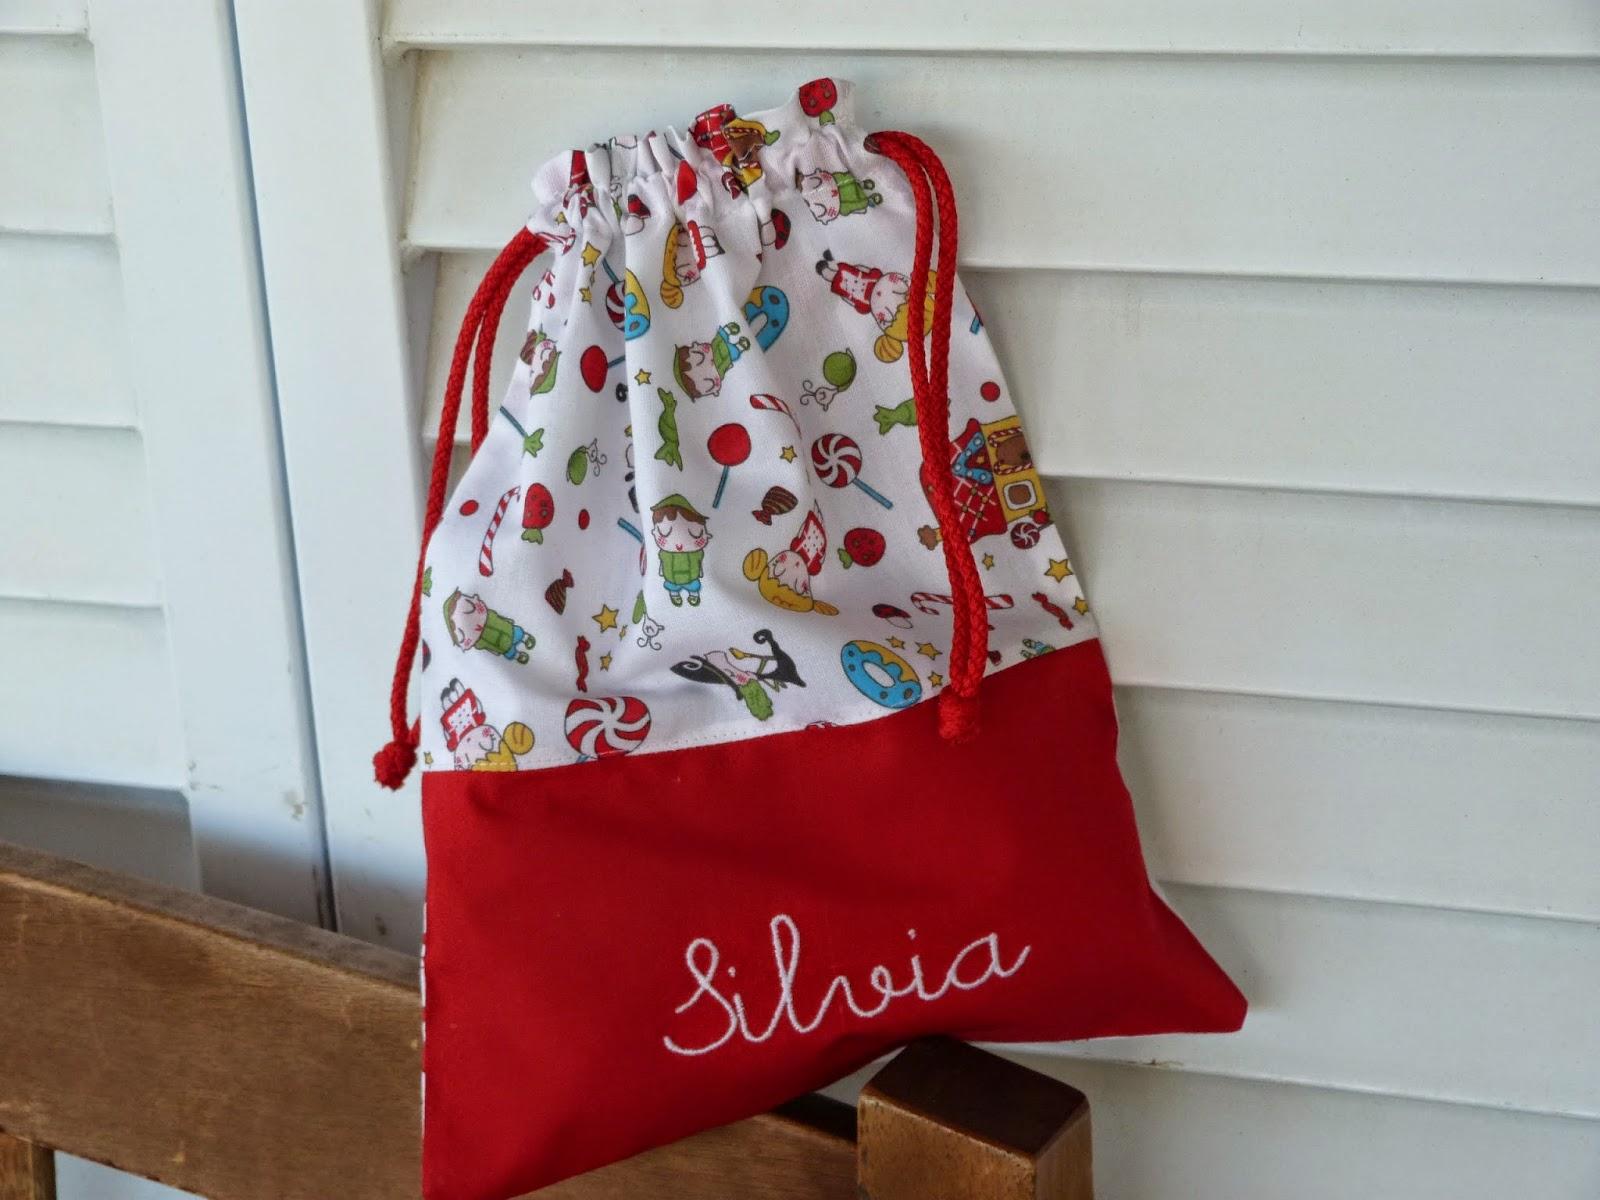 Con hilo y telas bolsas personalizadas para la vuelta al cole - Bolsas de tela para ninos ...